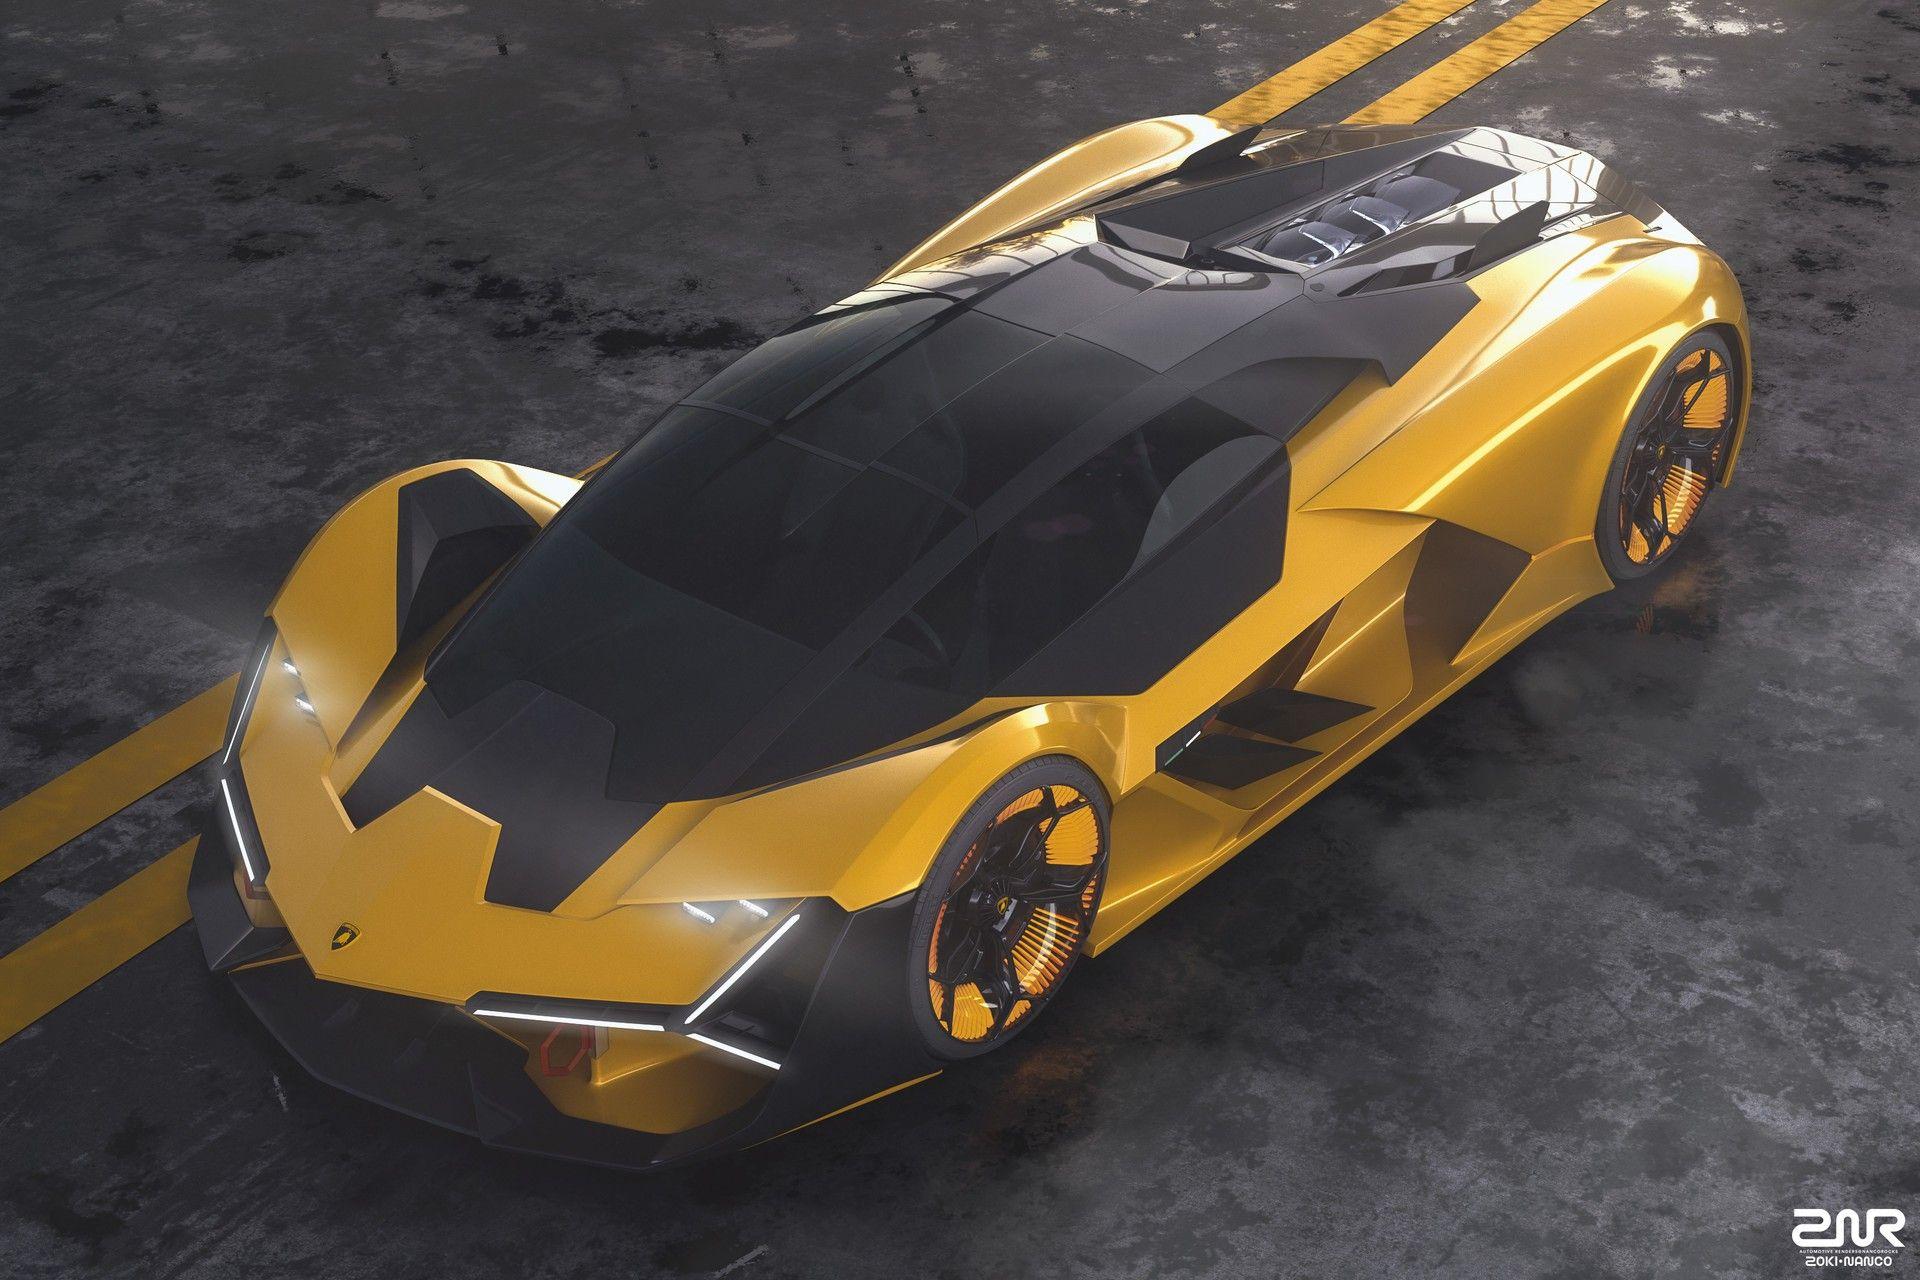 Pin By Autosmith Car Company On Cars Super Cars Lamborghini Futuristic Cars